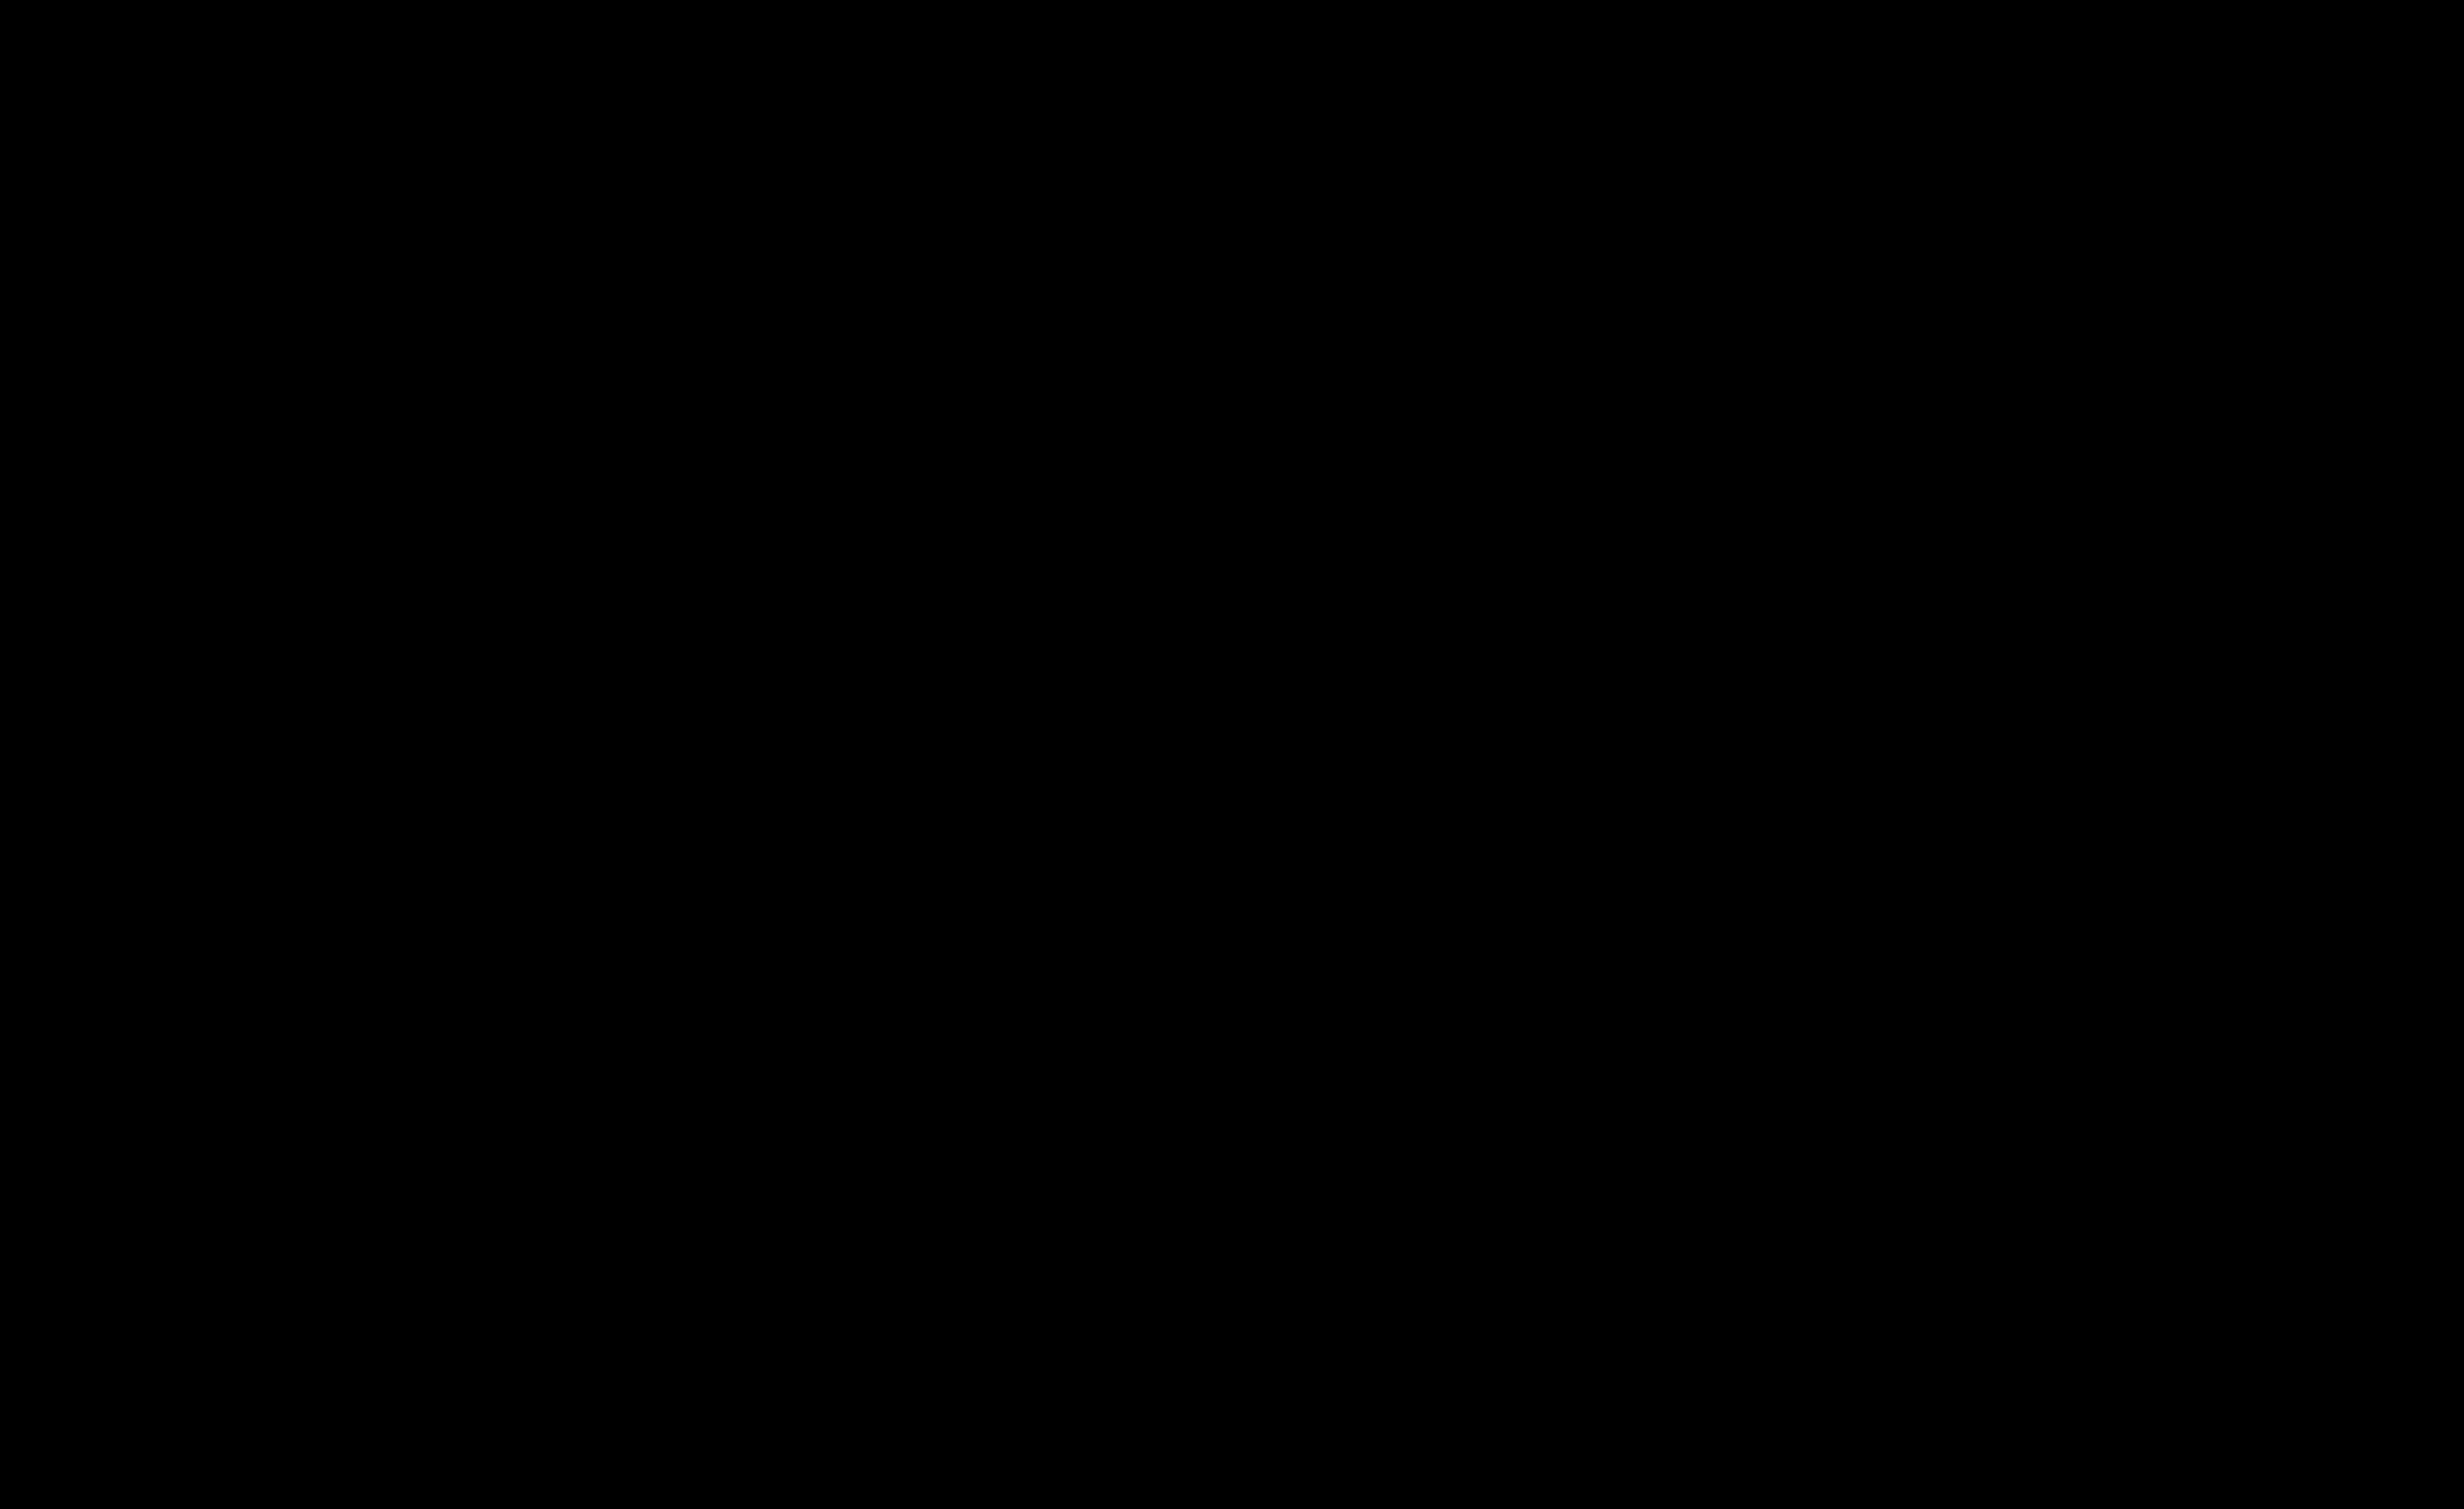 El Hey - Charnel N°5 w/ Azamat B & Andy 4000